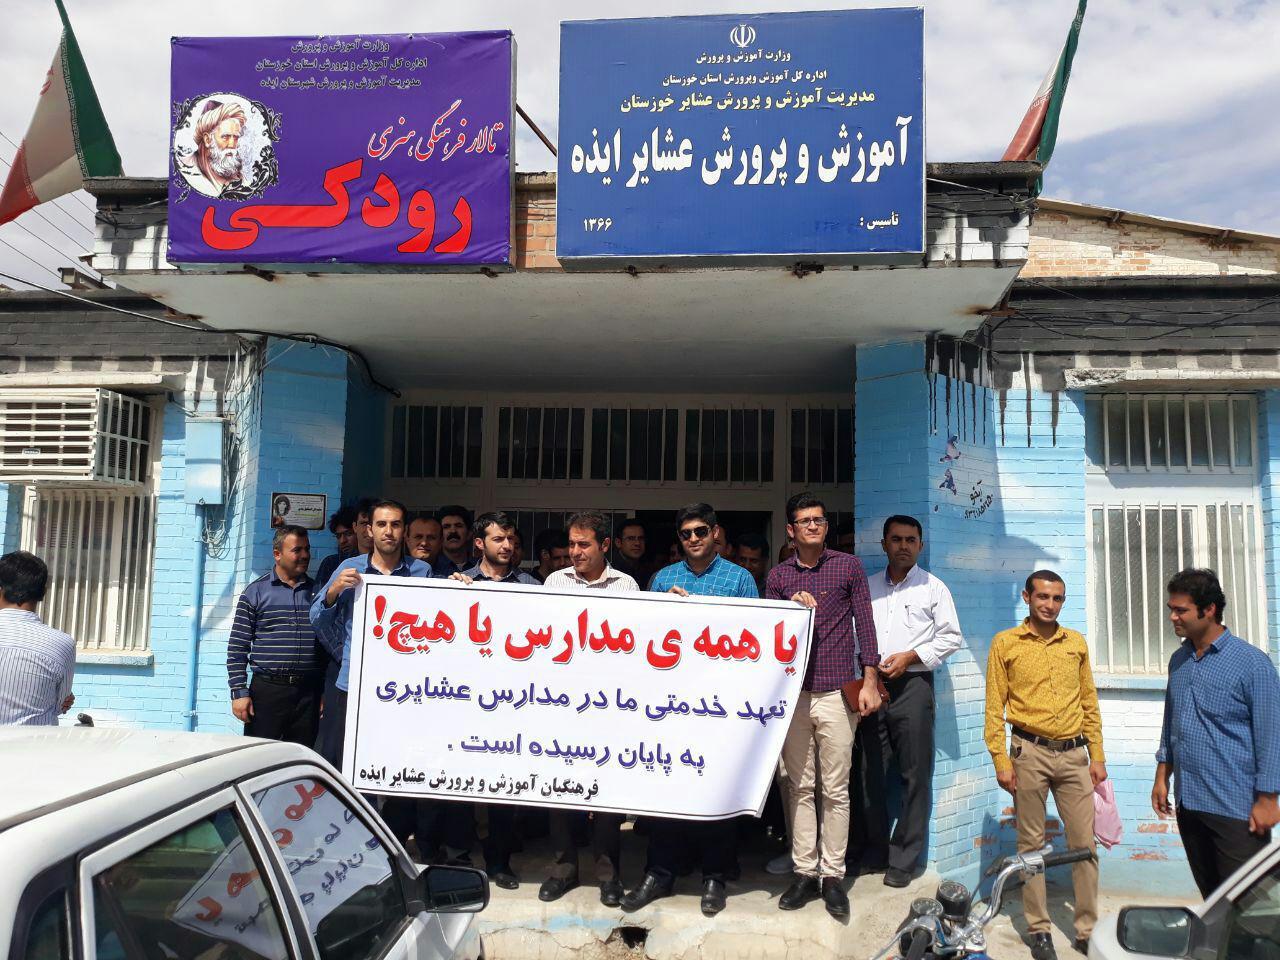 اعتراض پرسنل آموزش و پرورش عشایر ایذه در جریان الحاق مدارس عشایری به مدارس روستایی